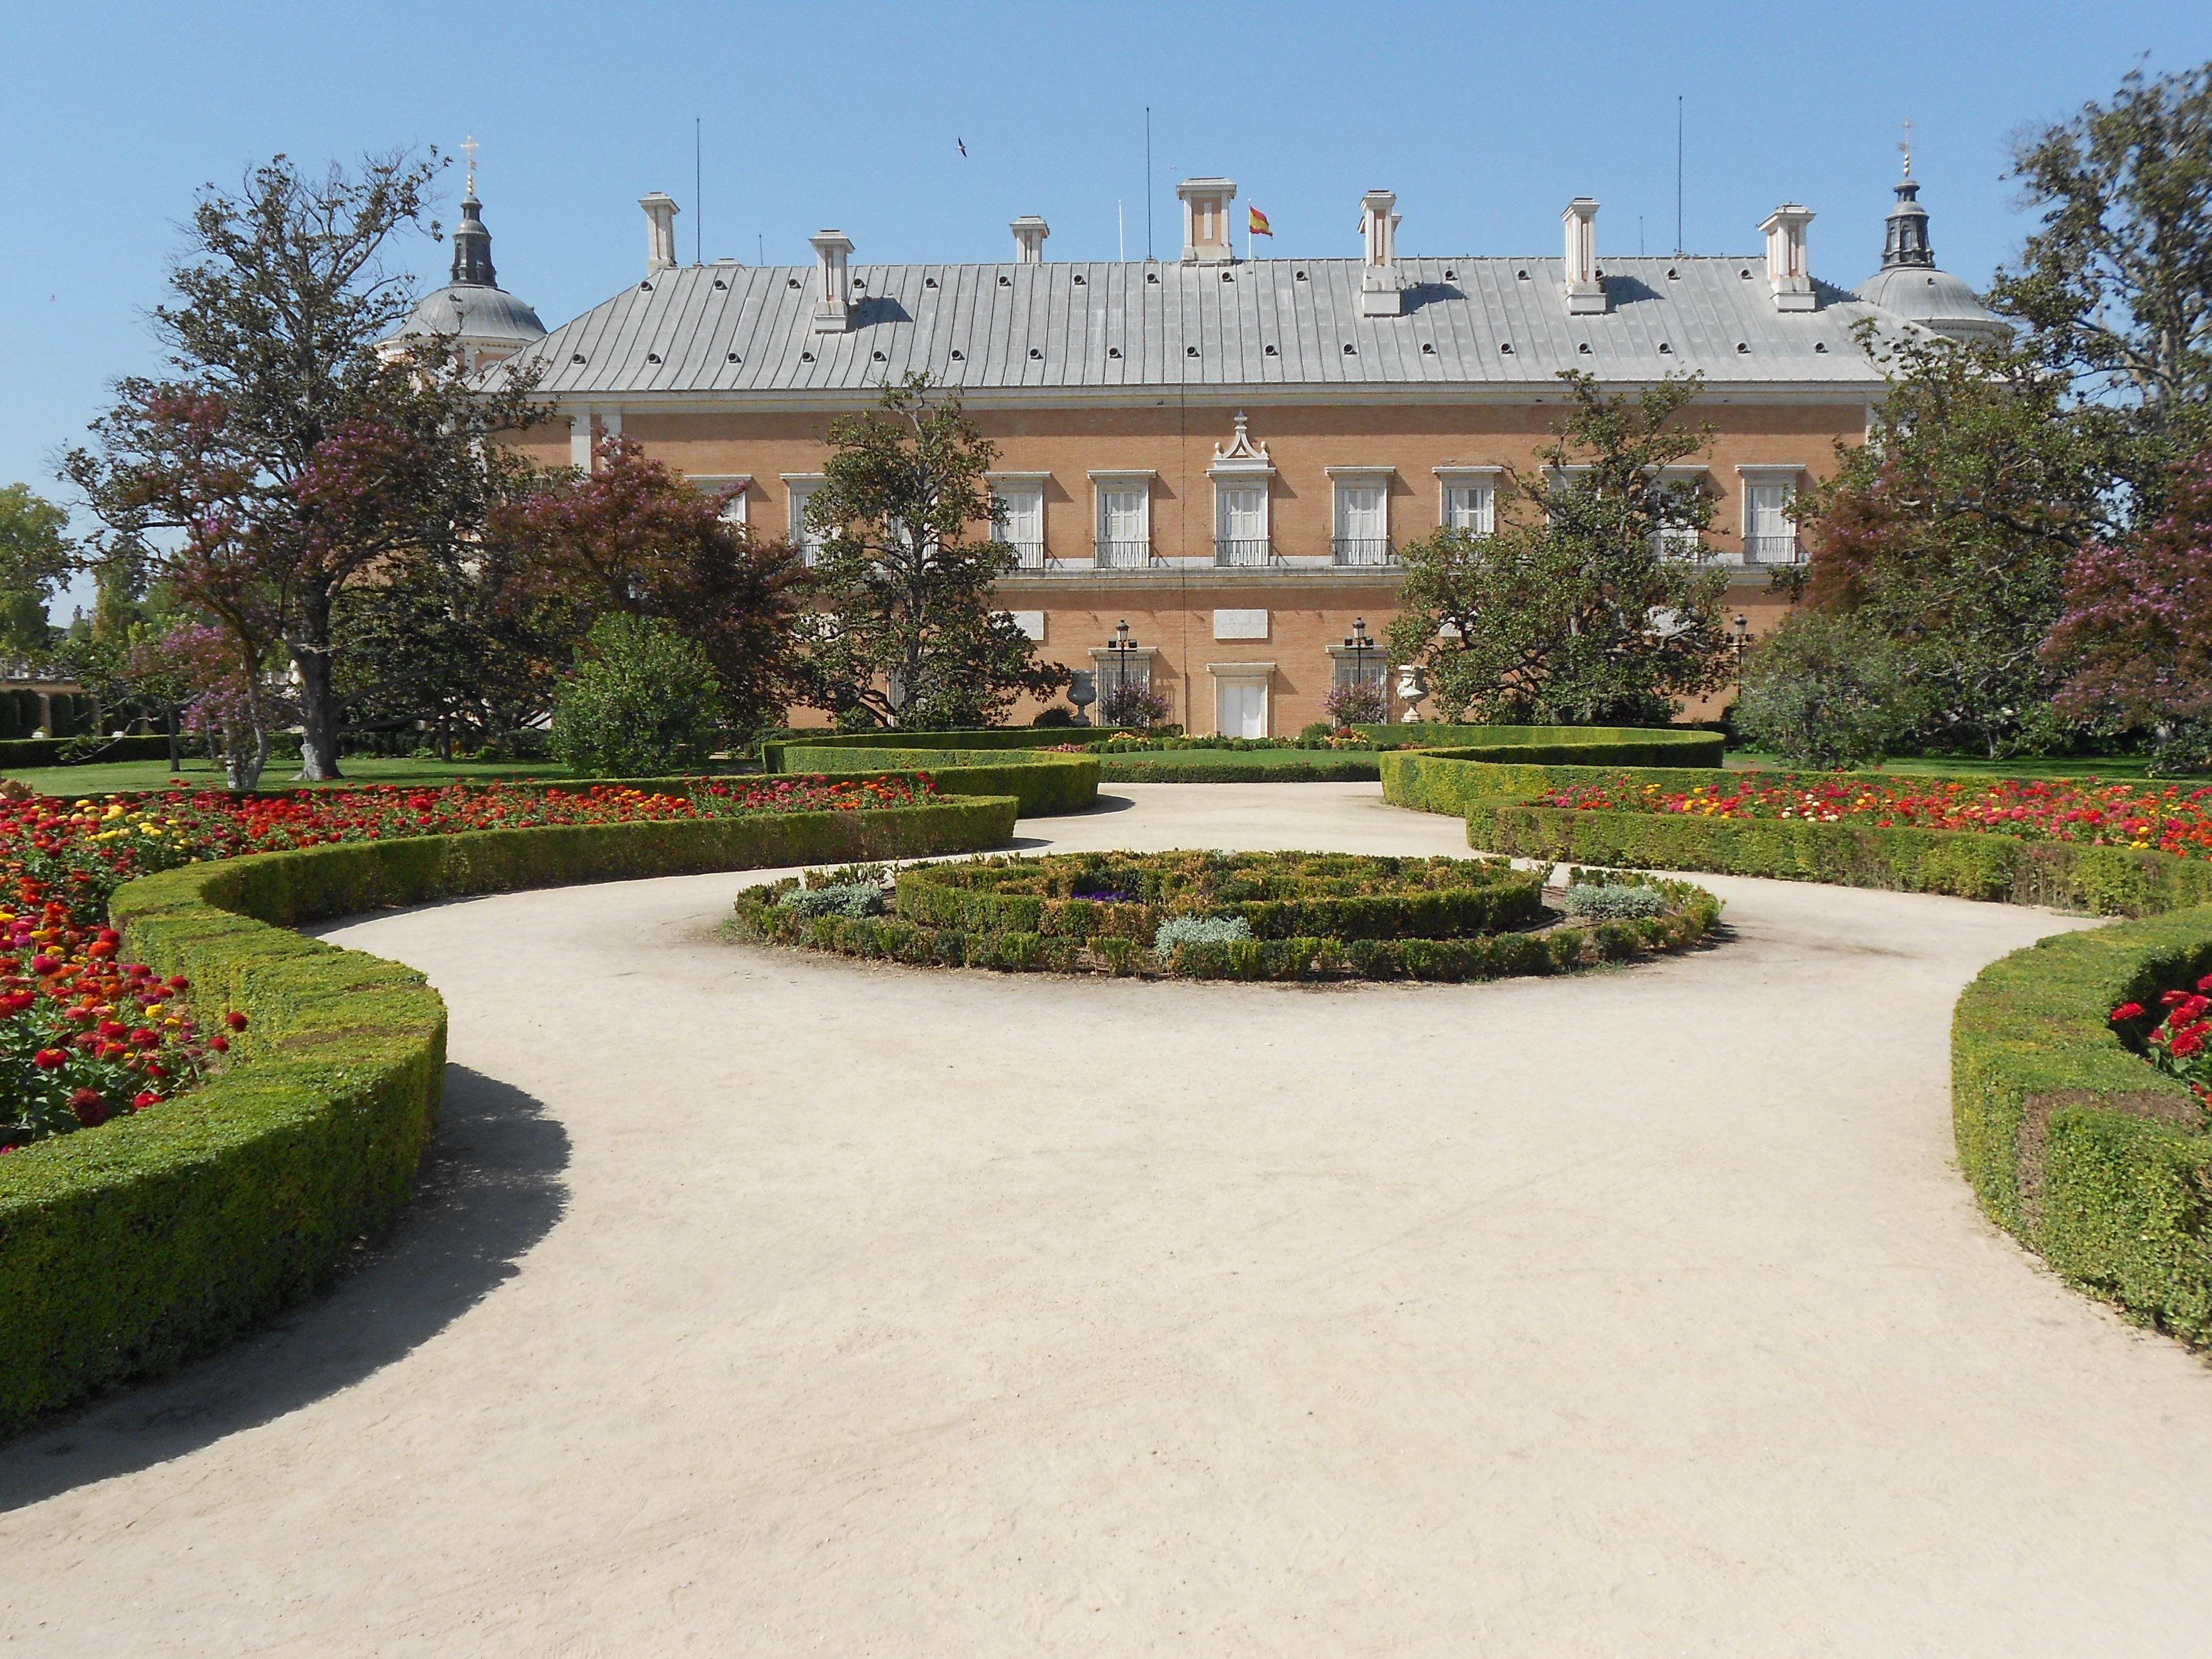 file vista del palacio de aranjuez desde el jard n del parterre espa a. Black Bedroom Furniture Sets. Home Design Ideas